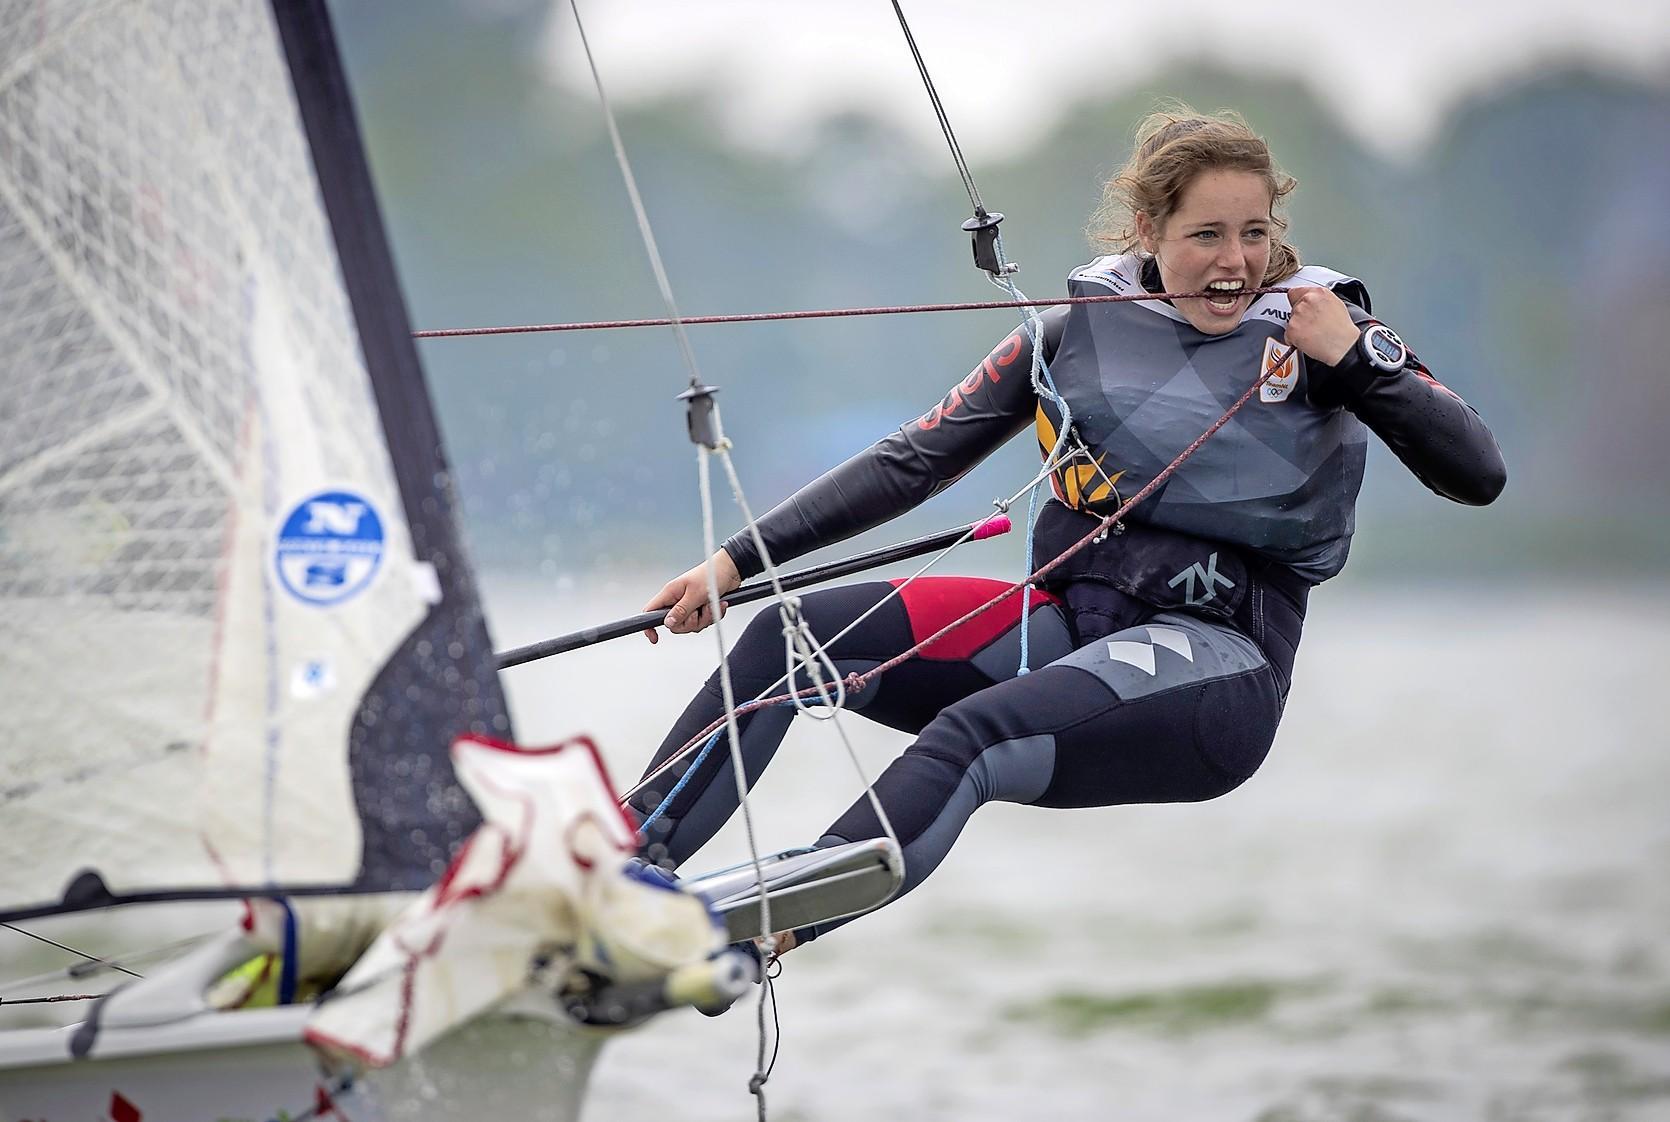 Zeilster Florine Bramervaer gaat op het IJsselmeer de strijd aan met de internationale top